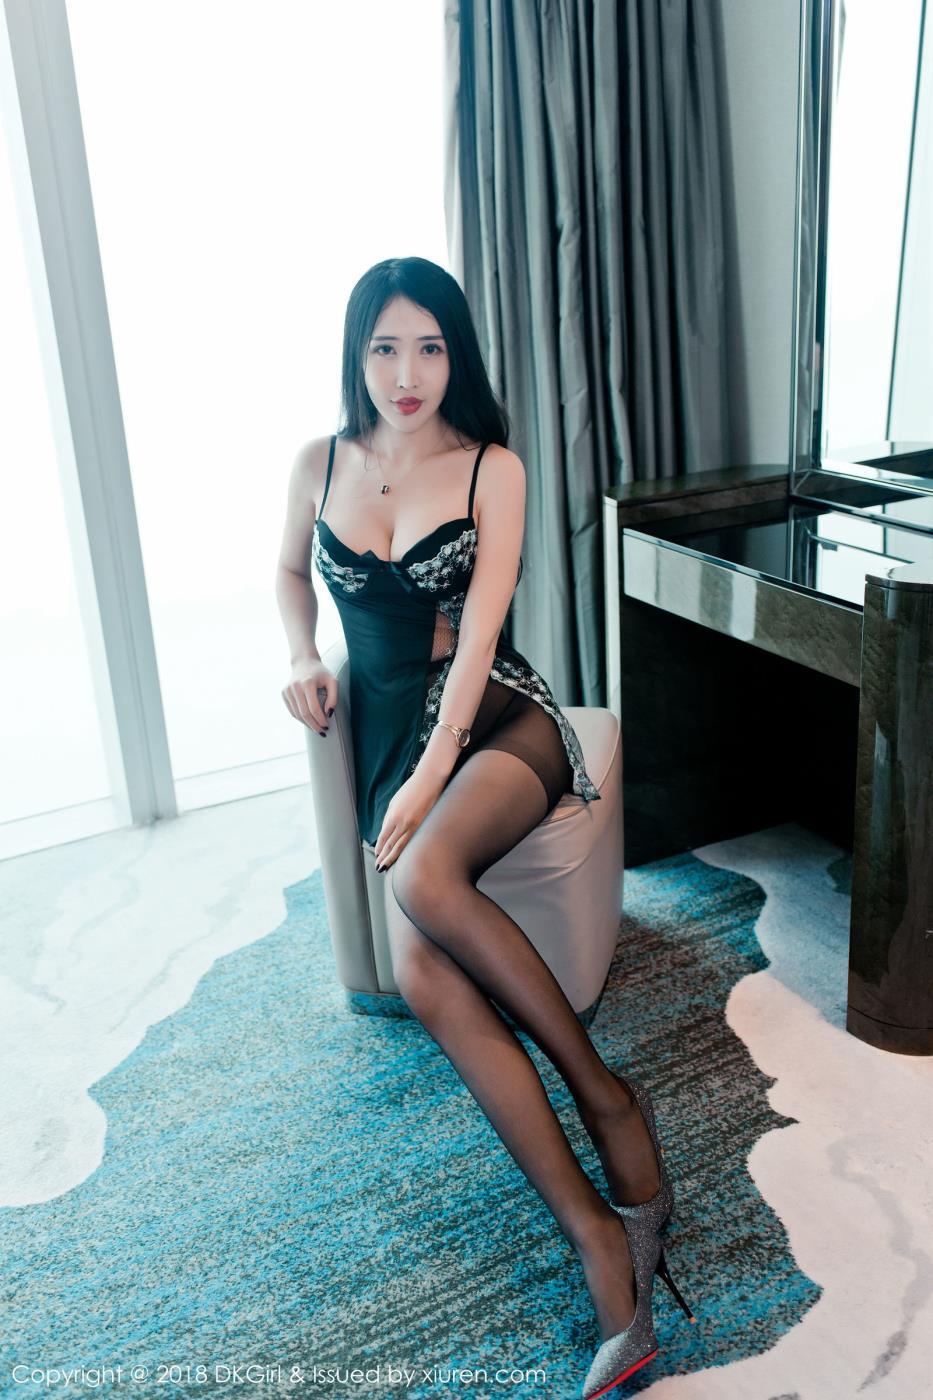 性感御姐大长腿美女余馨妍黑丝诱惑写真高清套图